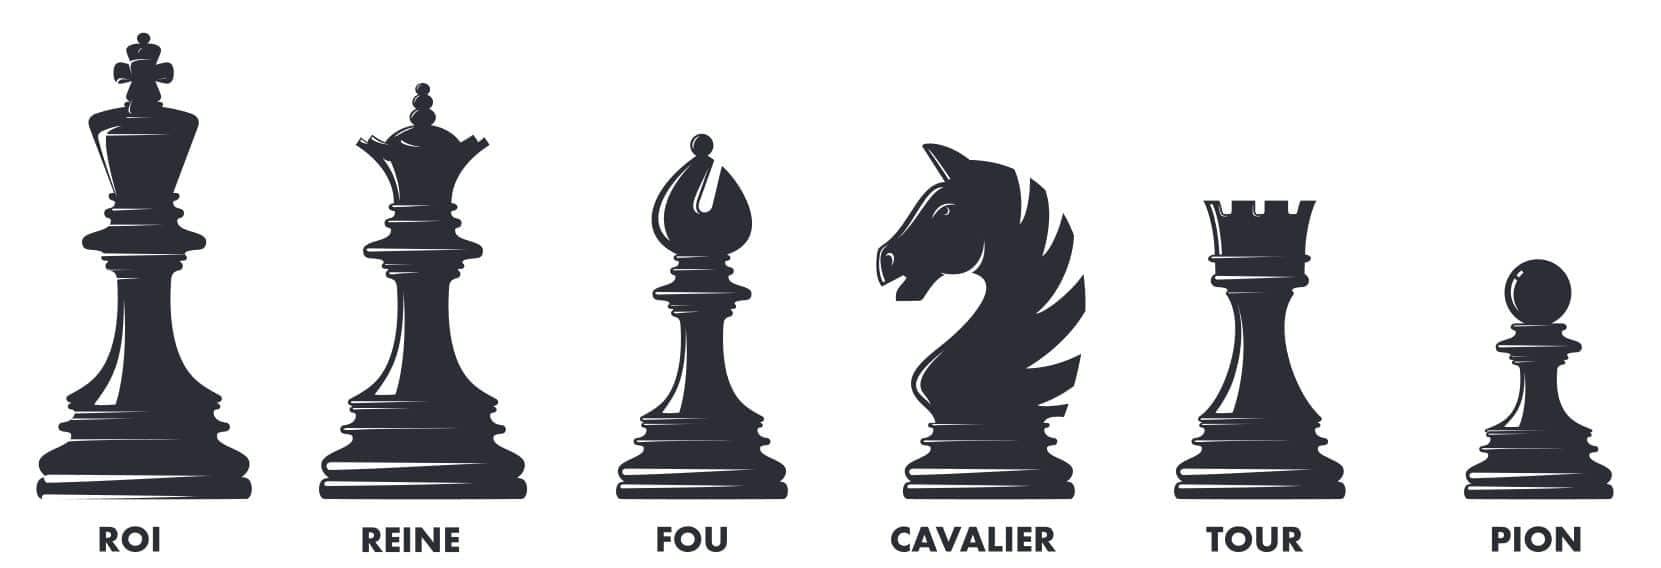 Pièces d'échecs à imprimer